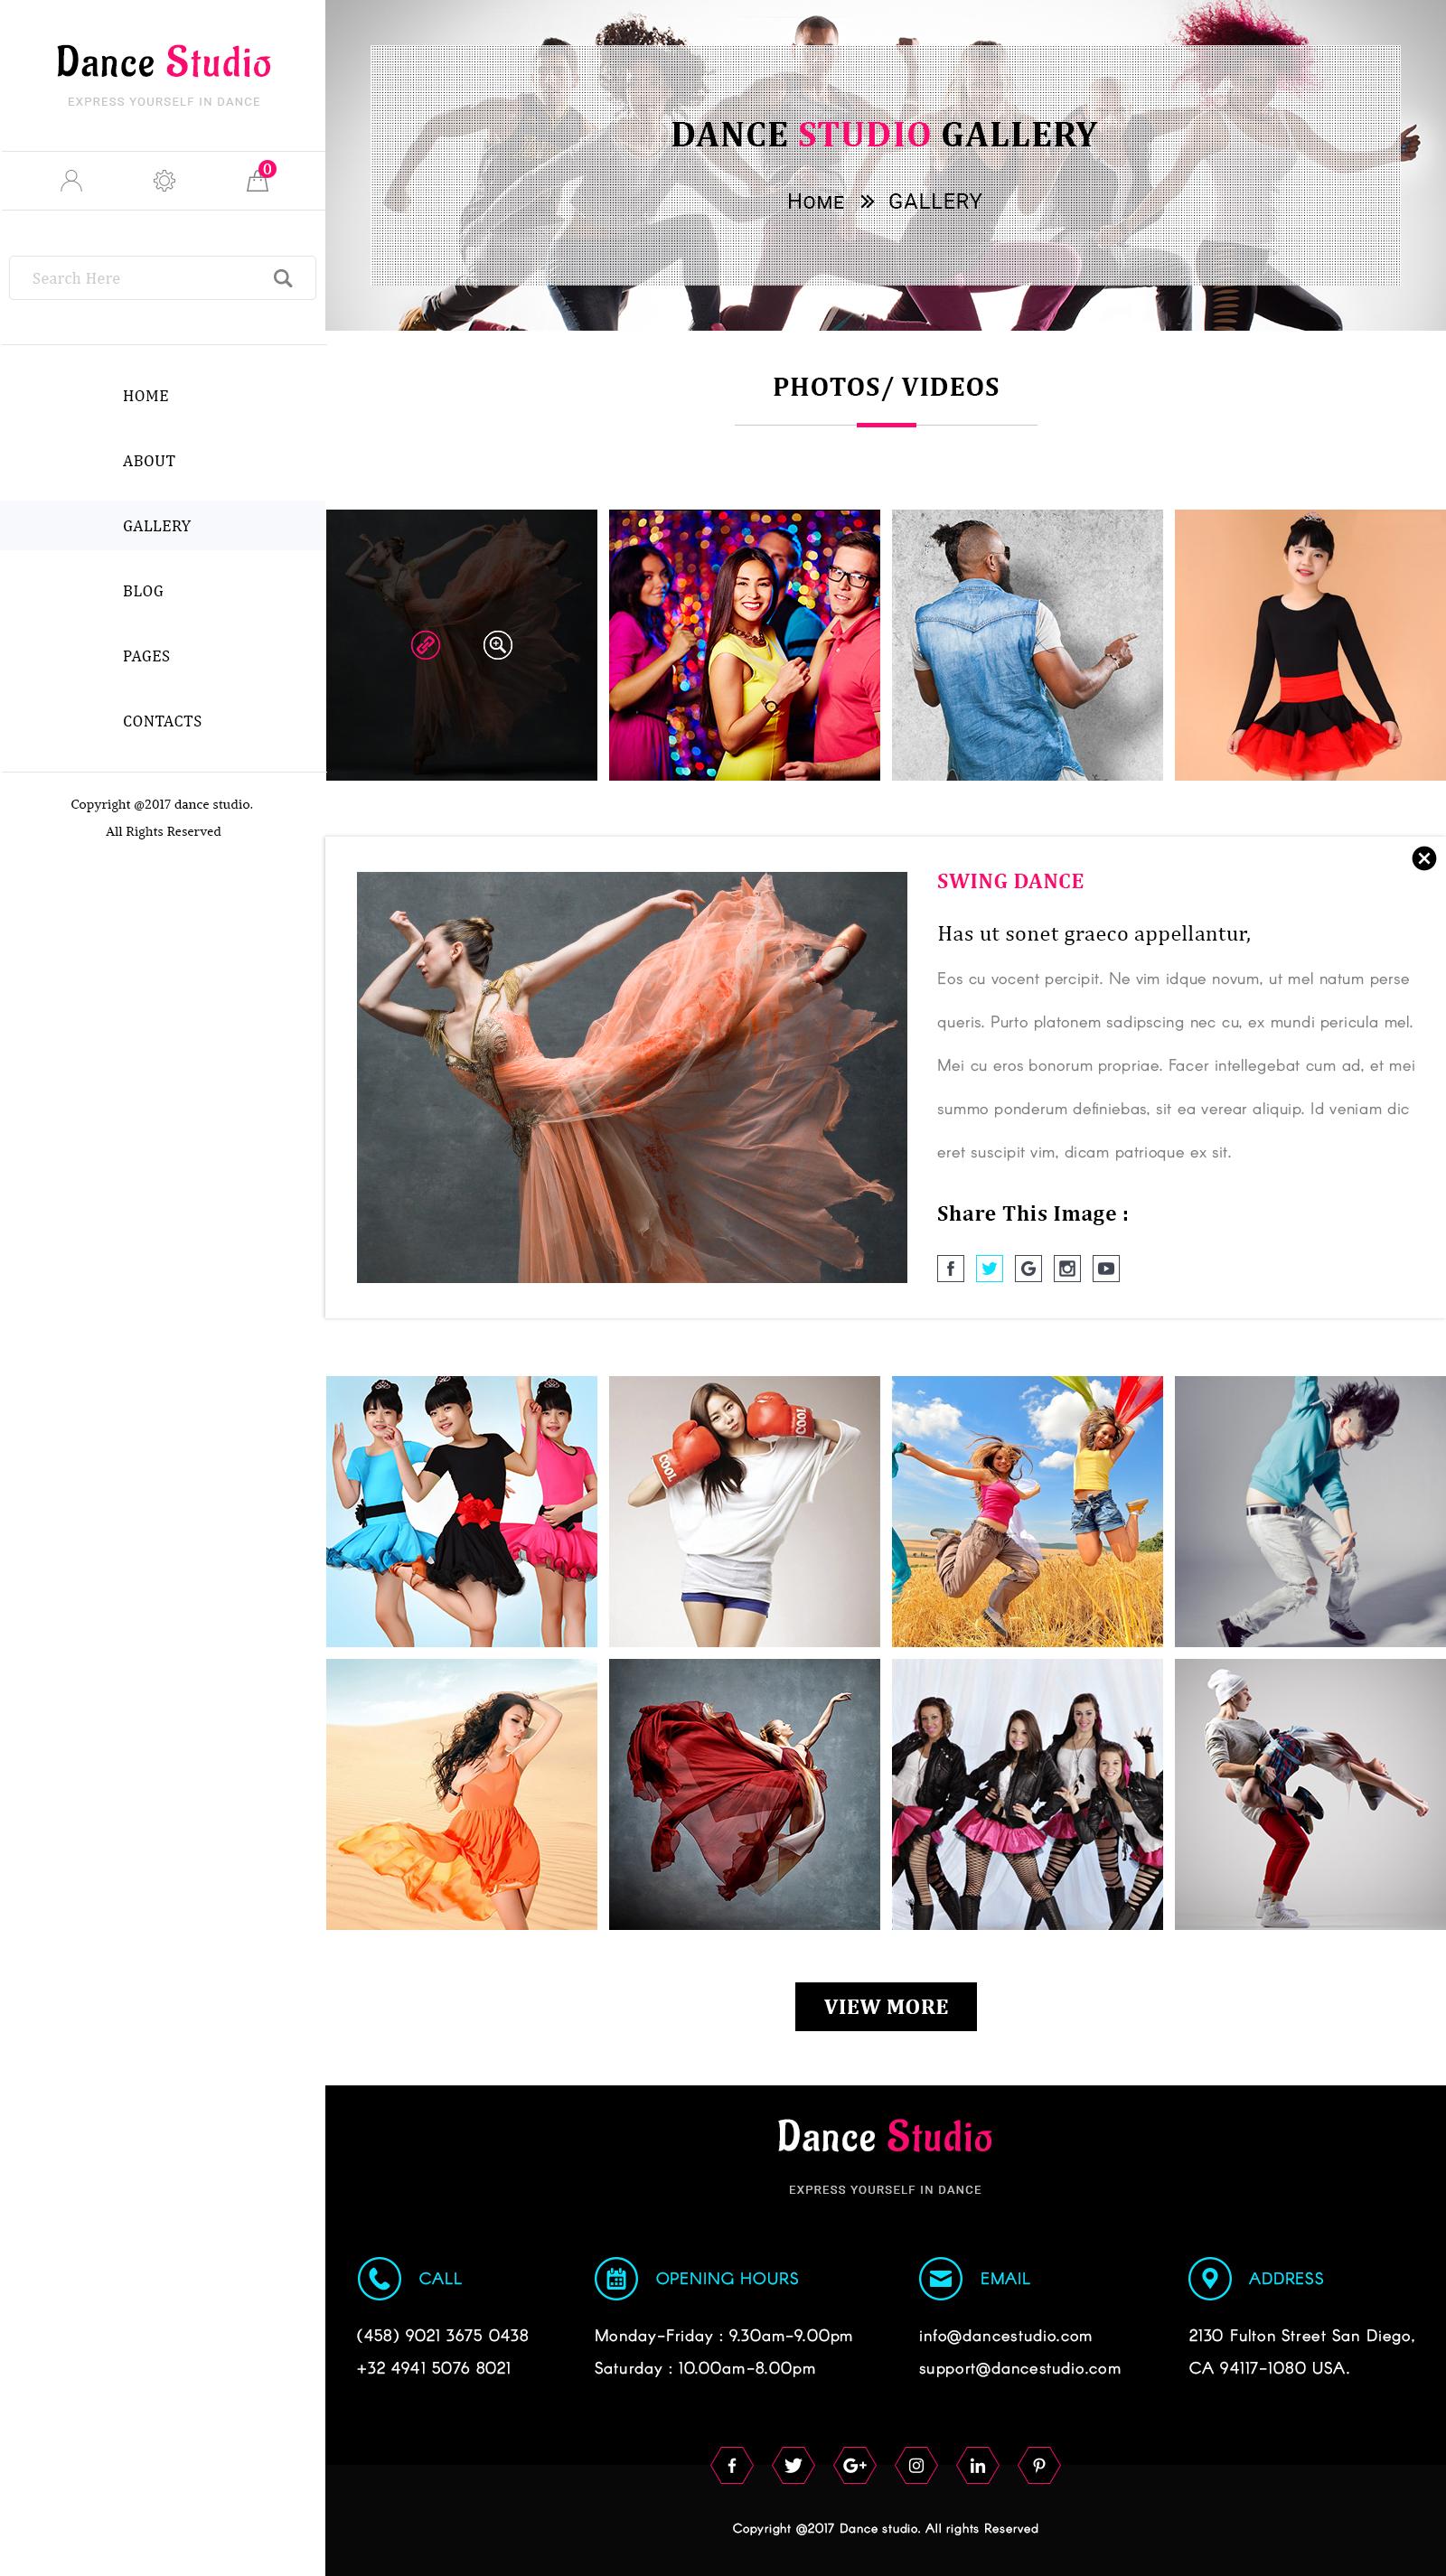 Dance Studio Design Images